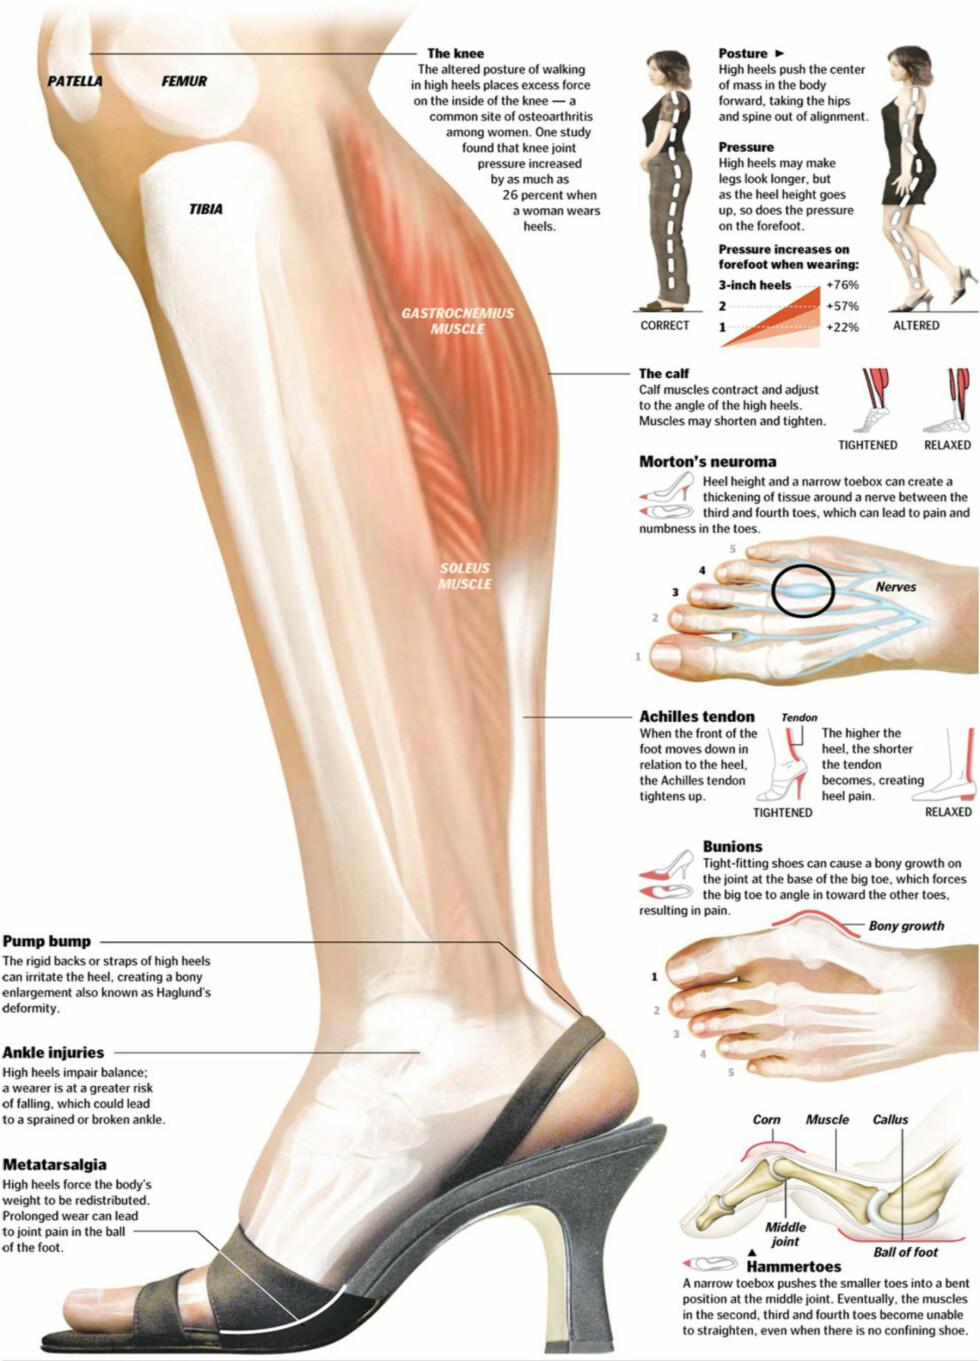 STOR EFFEKT: Høye hæler gir deg ikke bare gnagsår på lilletåa, men kan ha en negativ effekt på tærne, anklene og leggene - for å nevne noe. Foto: Naprapatsenteret